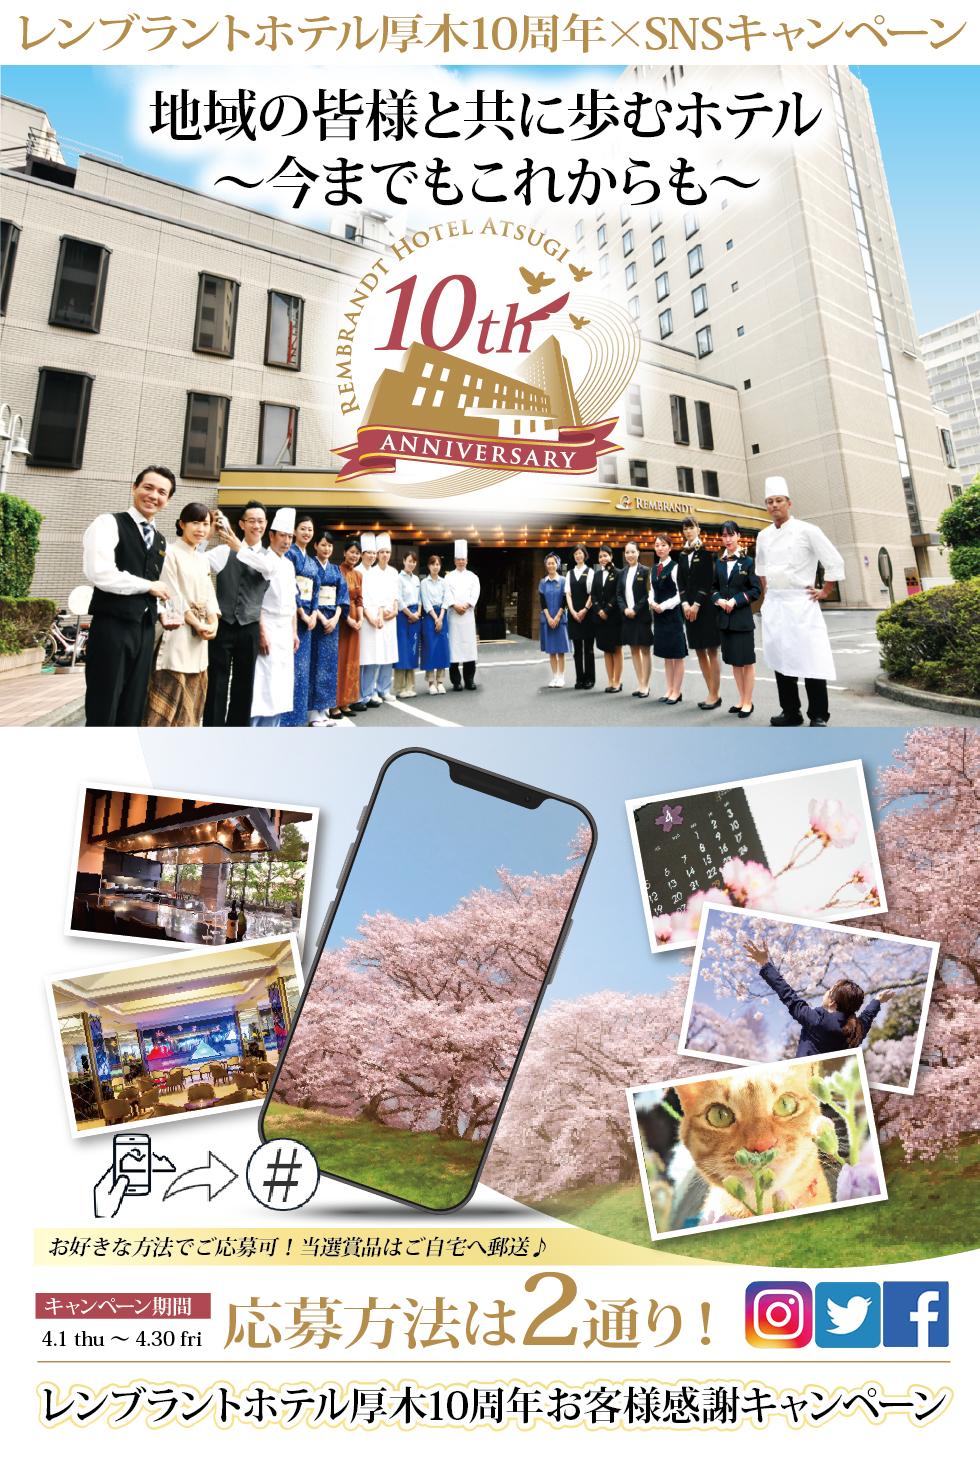 レンブラントホテル厚木 10周年お客様感謝SNSキャンペーン開催中